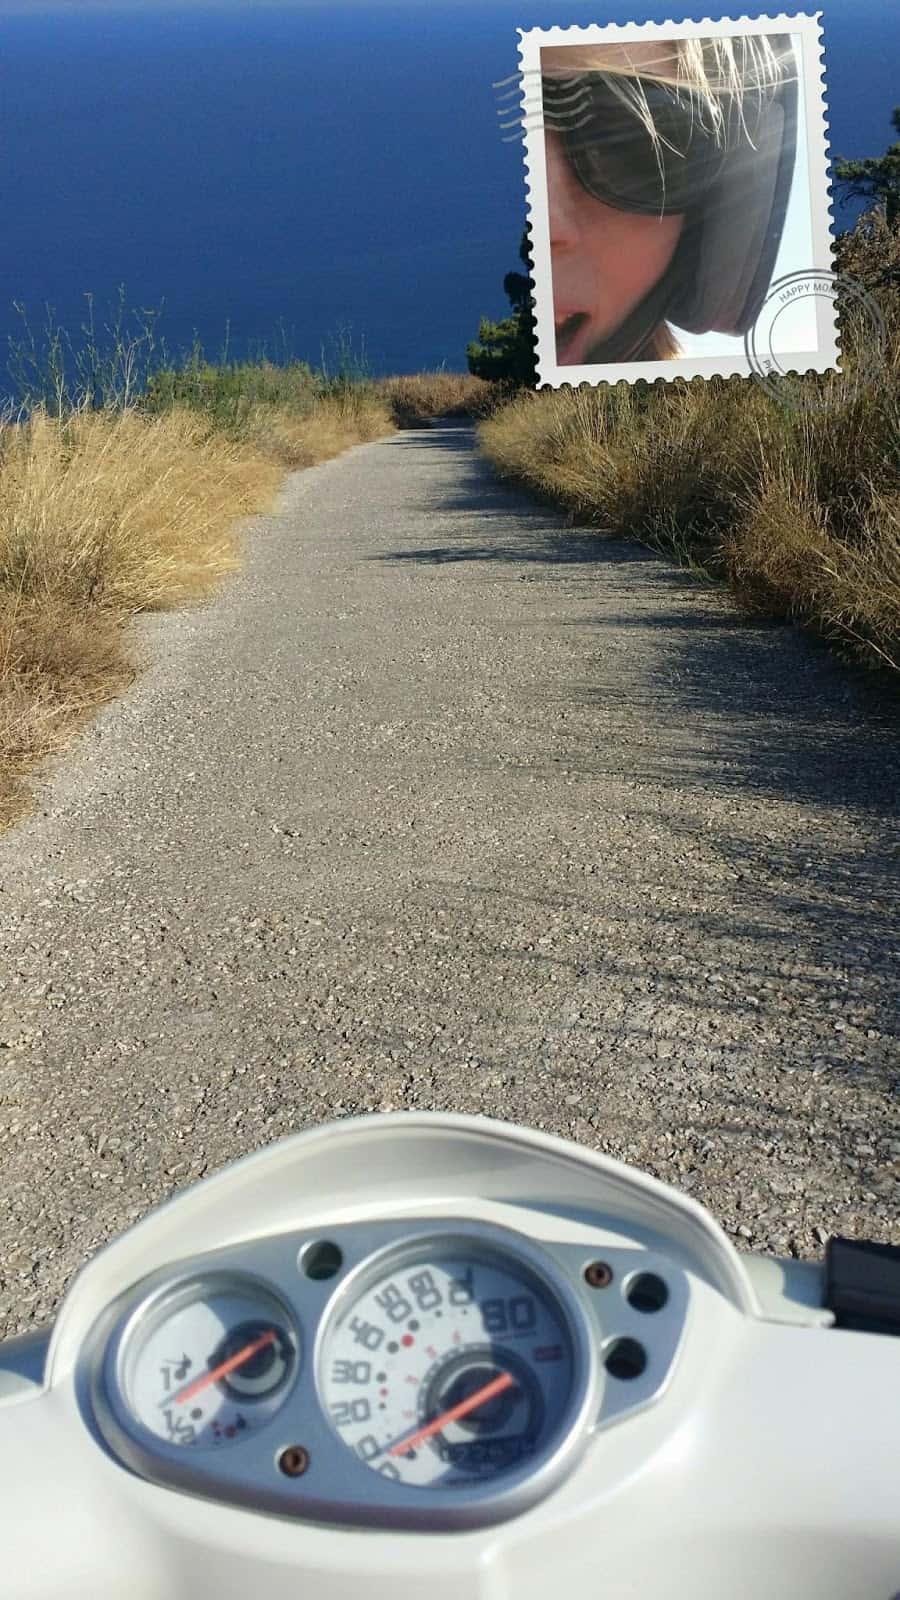 paros, grecia, que hacer, viajar, deportes nauticos, hotel, resort, viaje, atenas, crisis, desde espana, playa, comida, santorini, mykonos, scooter, moto